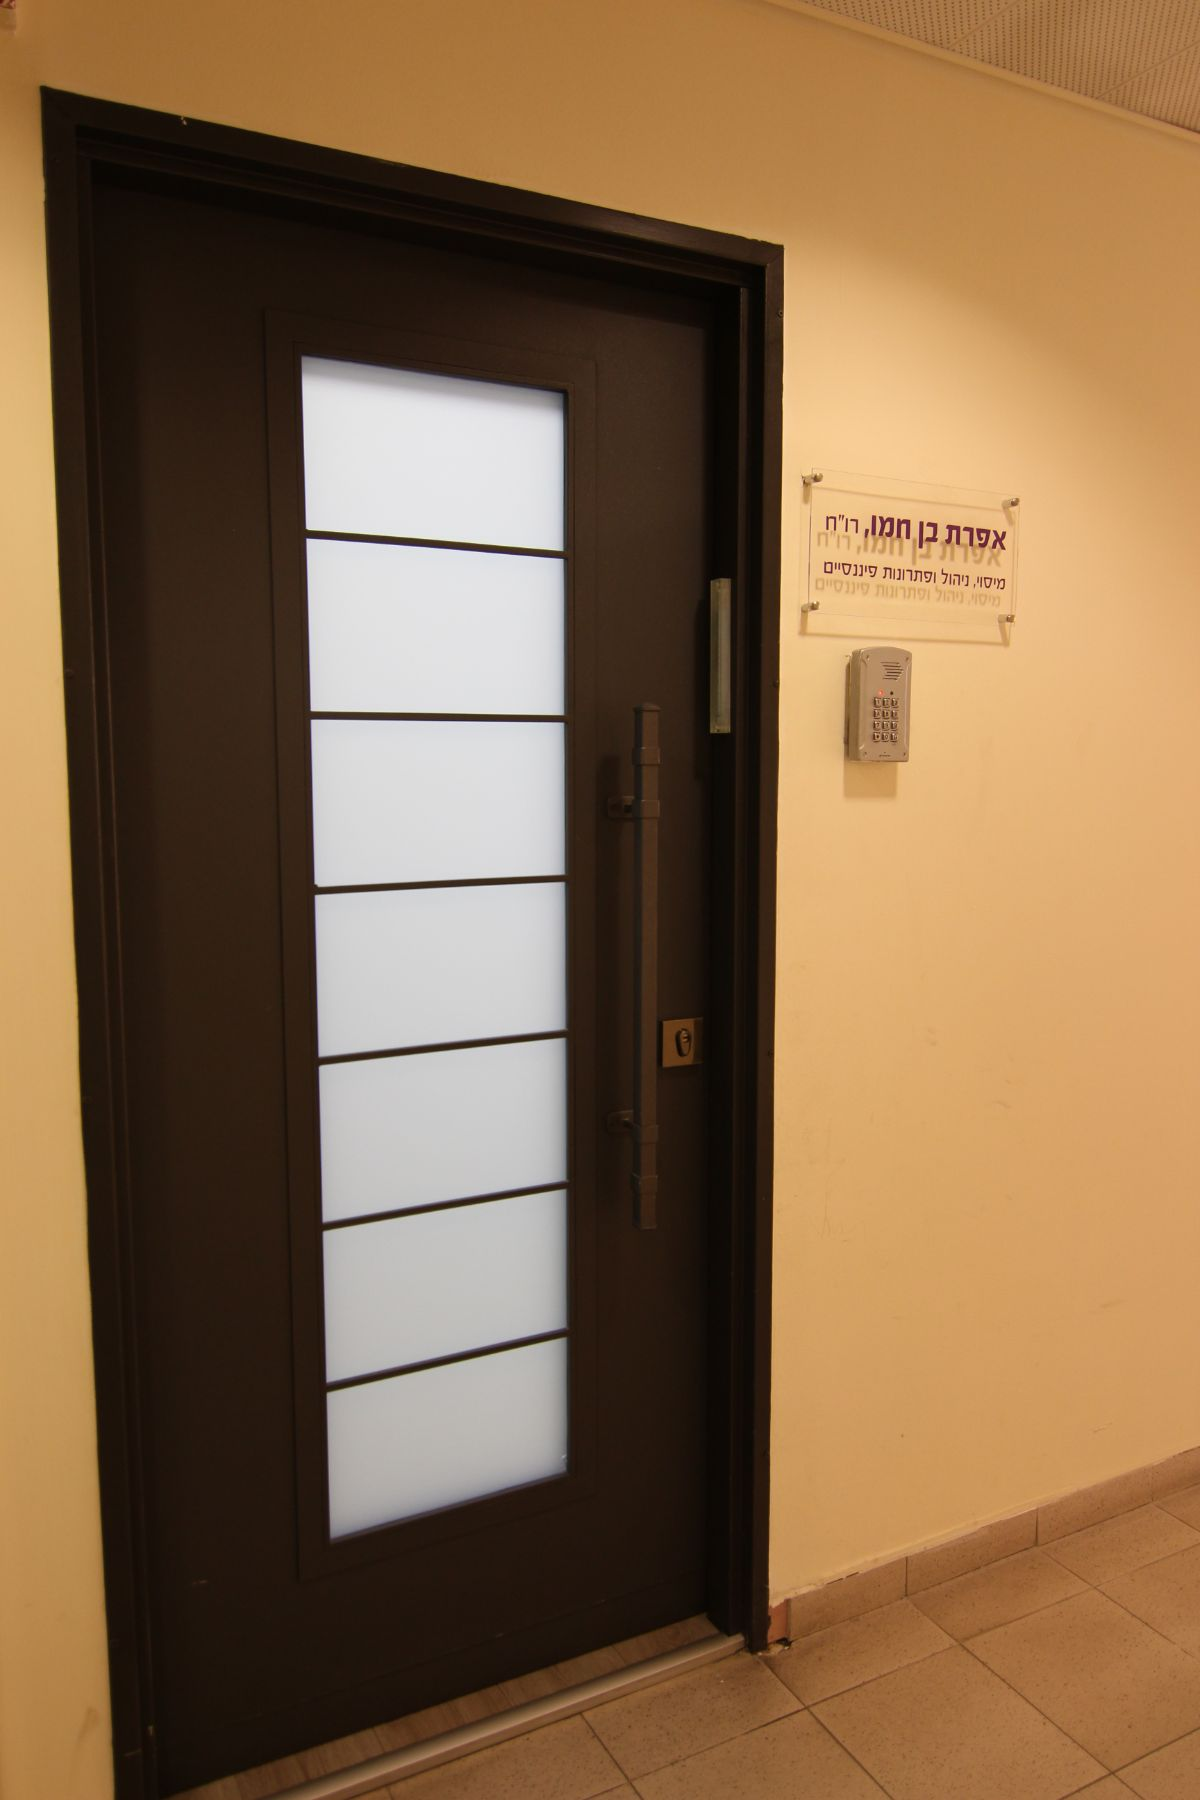 עיצוב פנים דלת כניסה | אדריכלות דלת כניסה - דלת כניסה